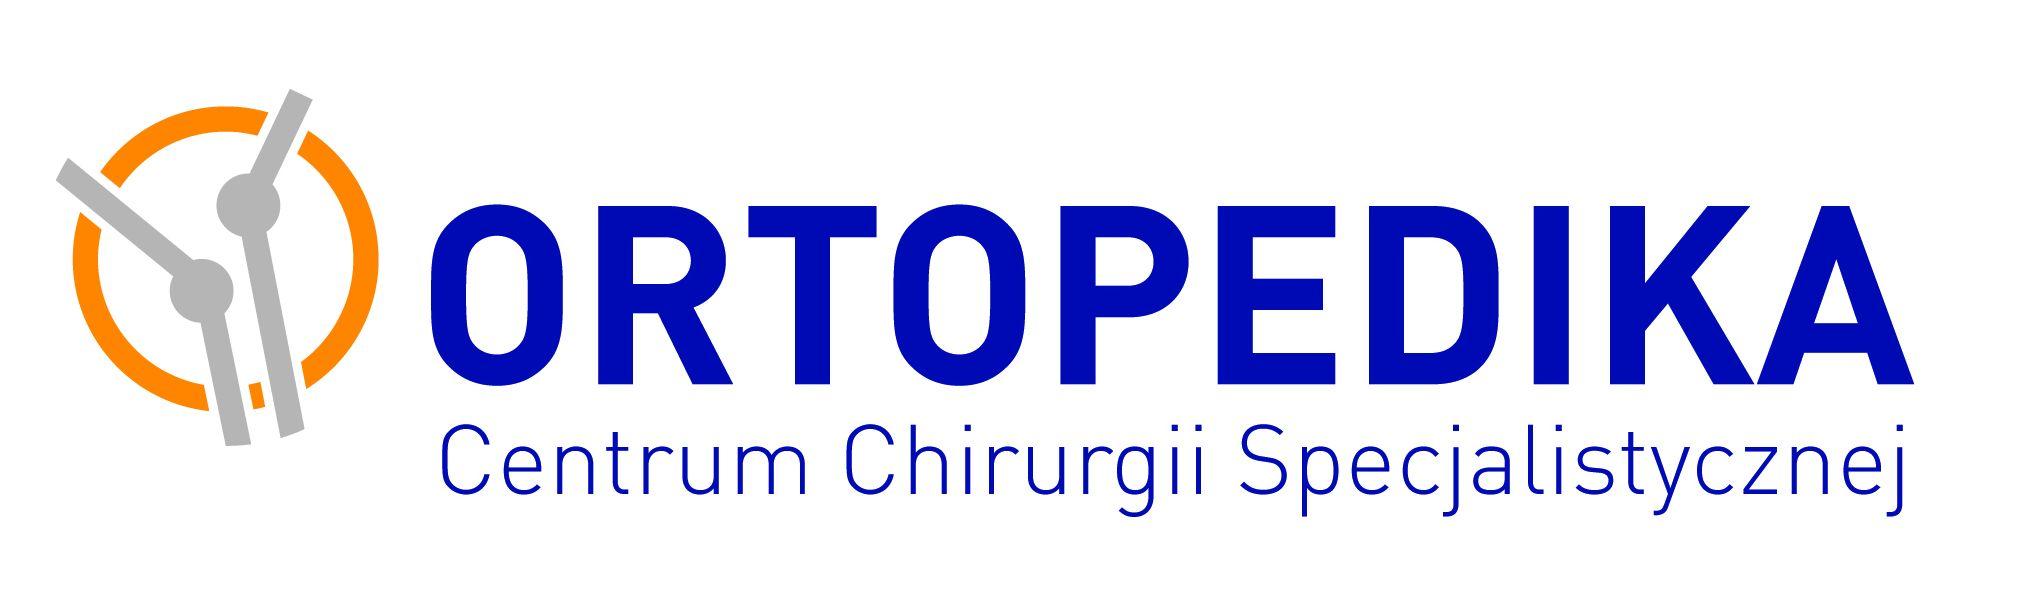 logo_centrumortopedika_color